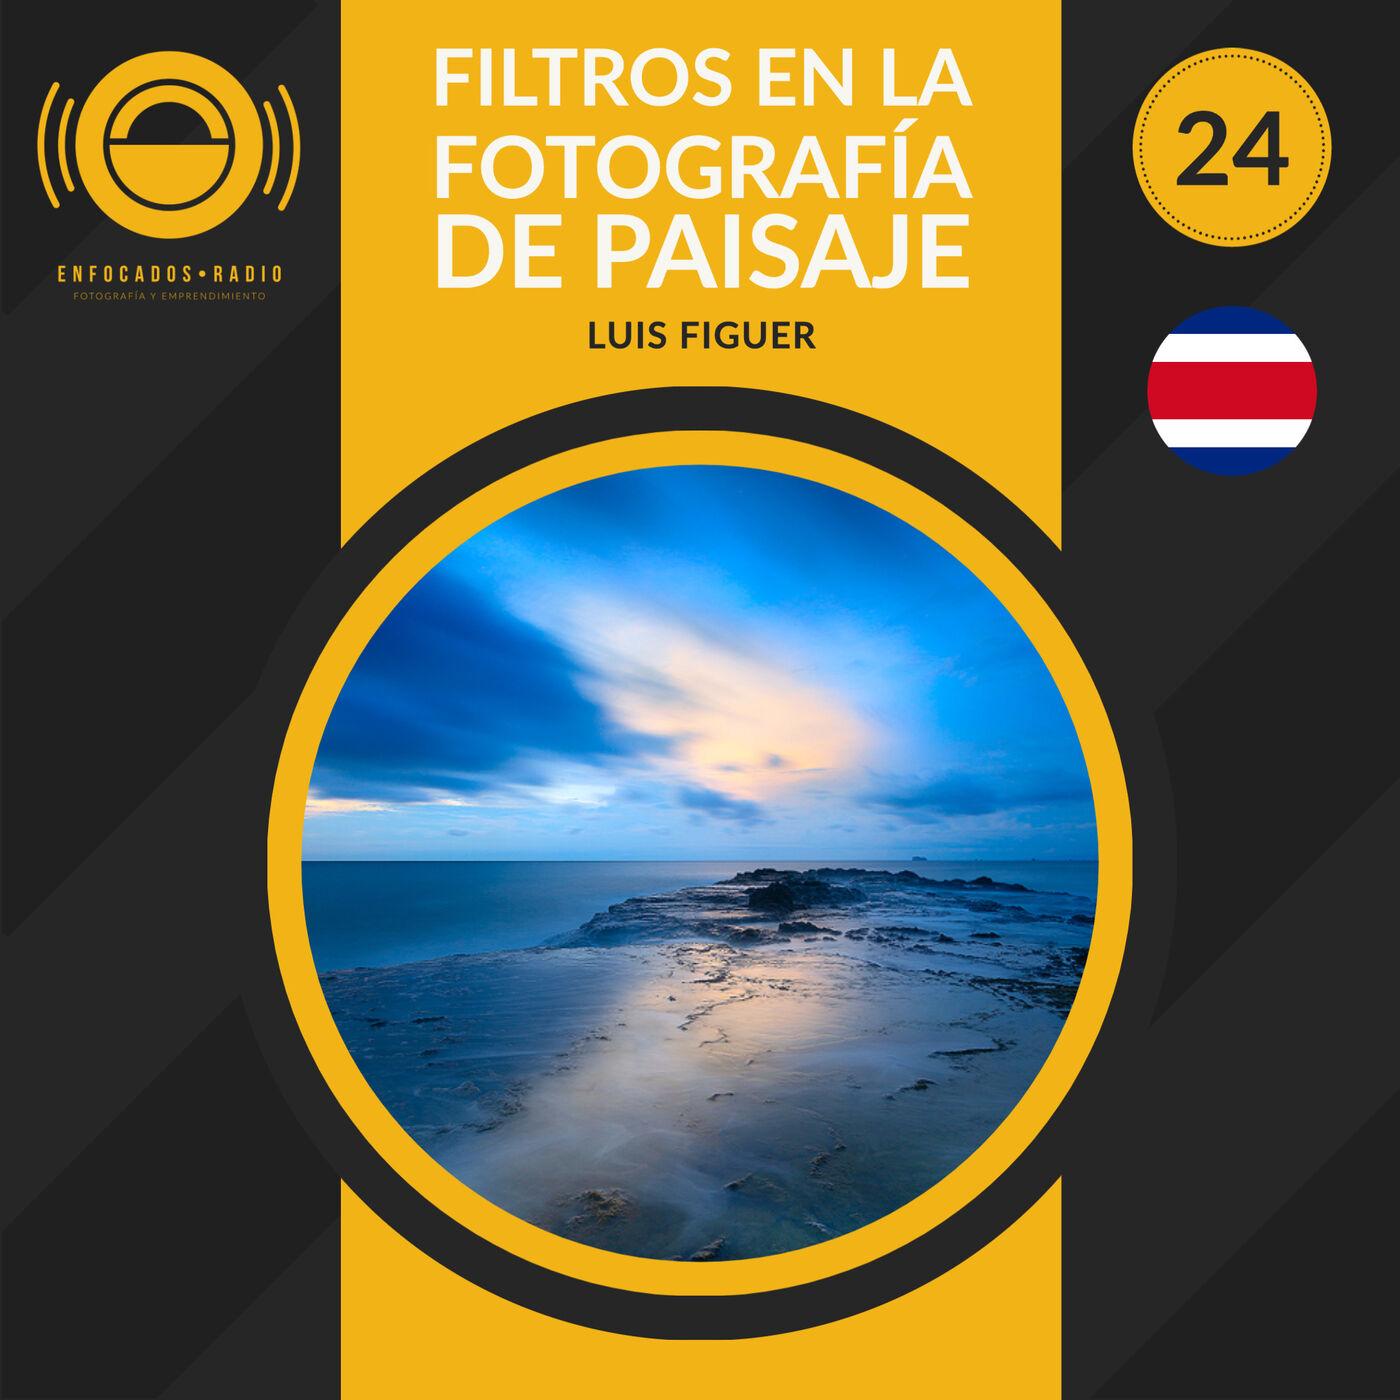 EP024: Los filtros en la fotografía de paisaje